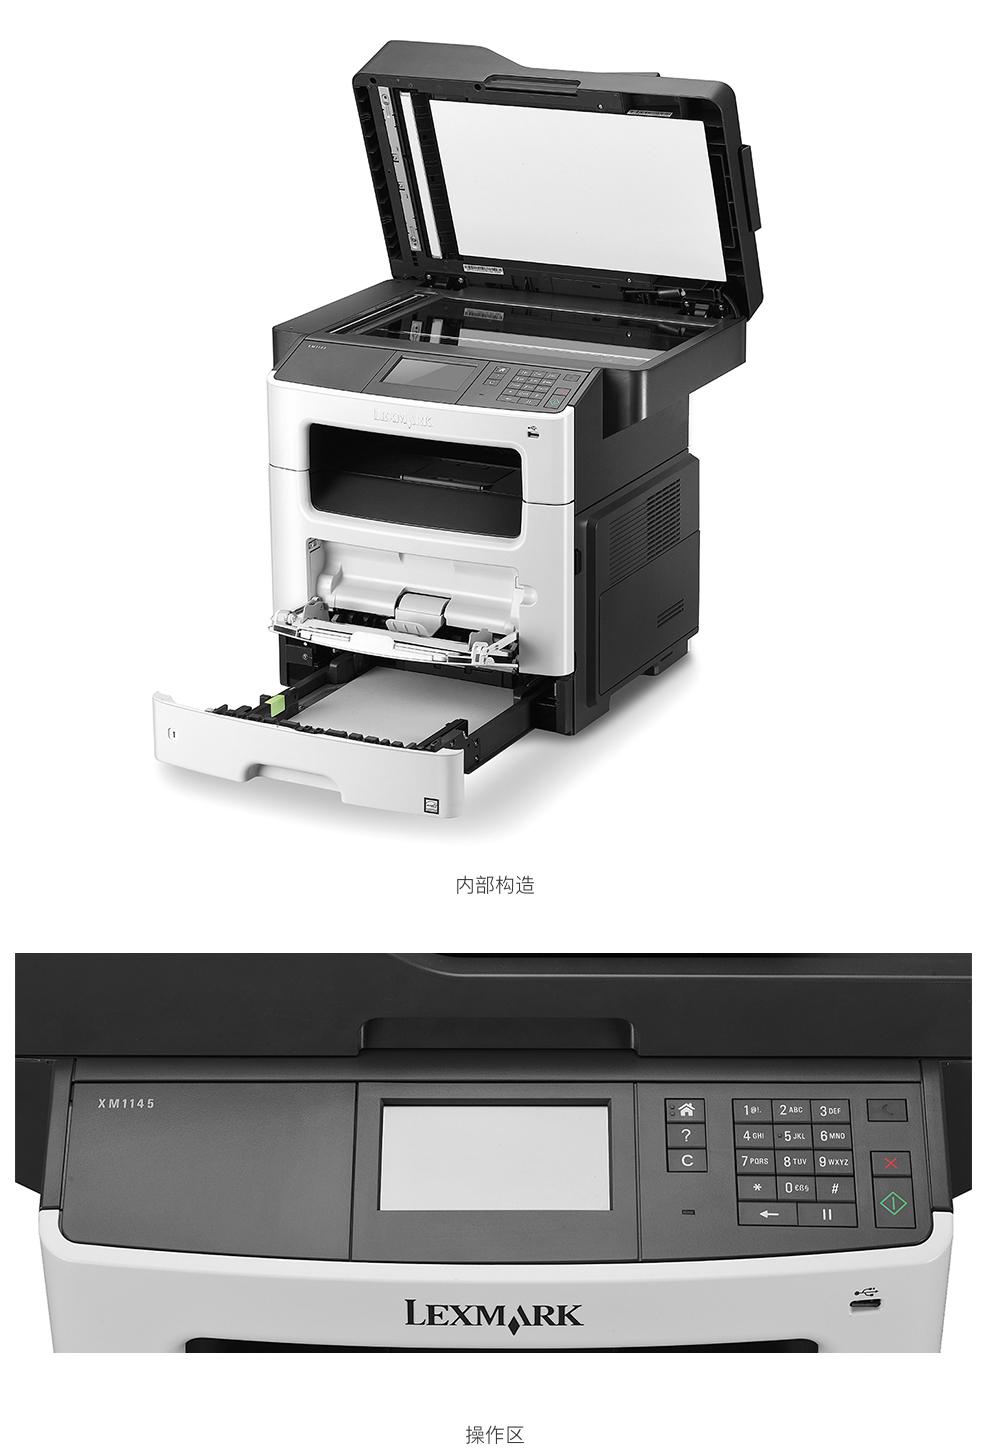 利盟(Lexmark)XM1145 A4黑白多功能復合機